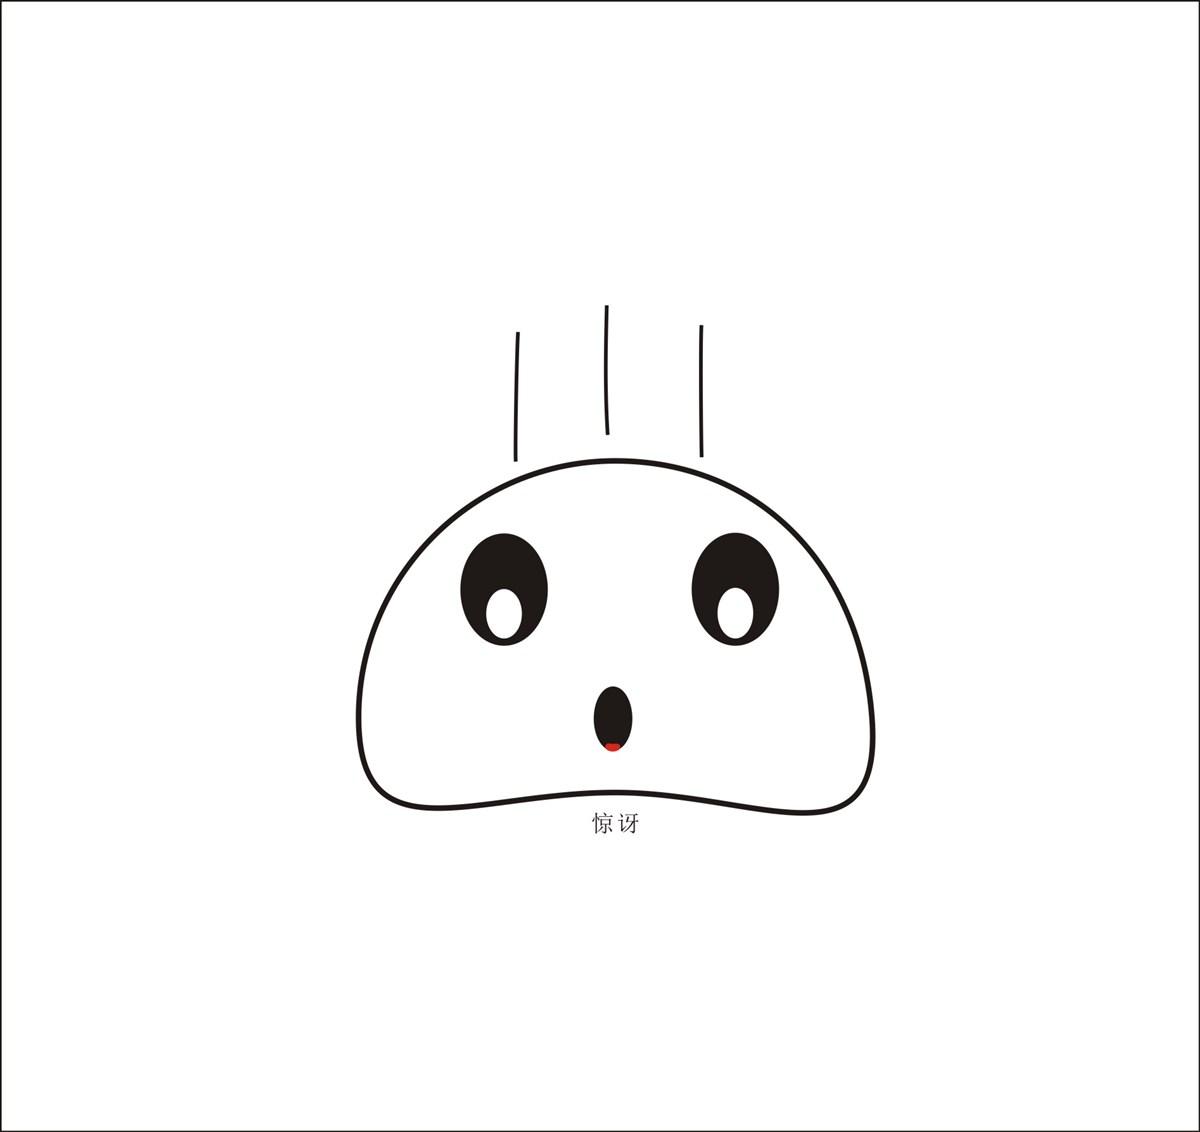 动漫 简笔画 卡通 漫画 手绘 头像 线稿 1200_1132